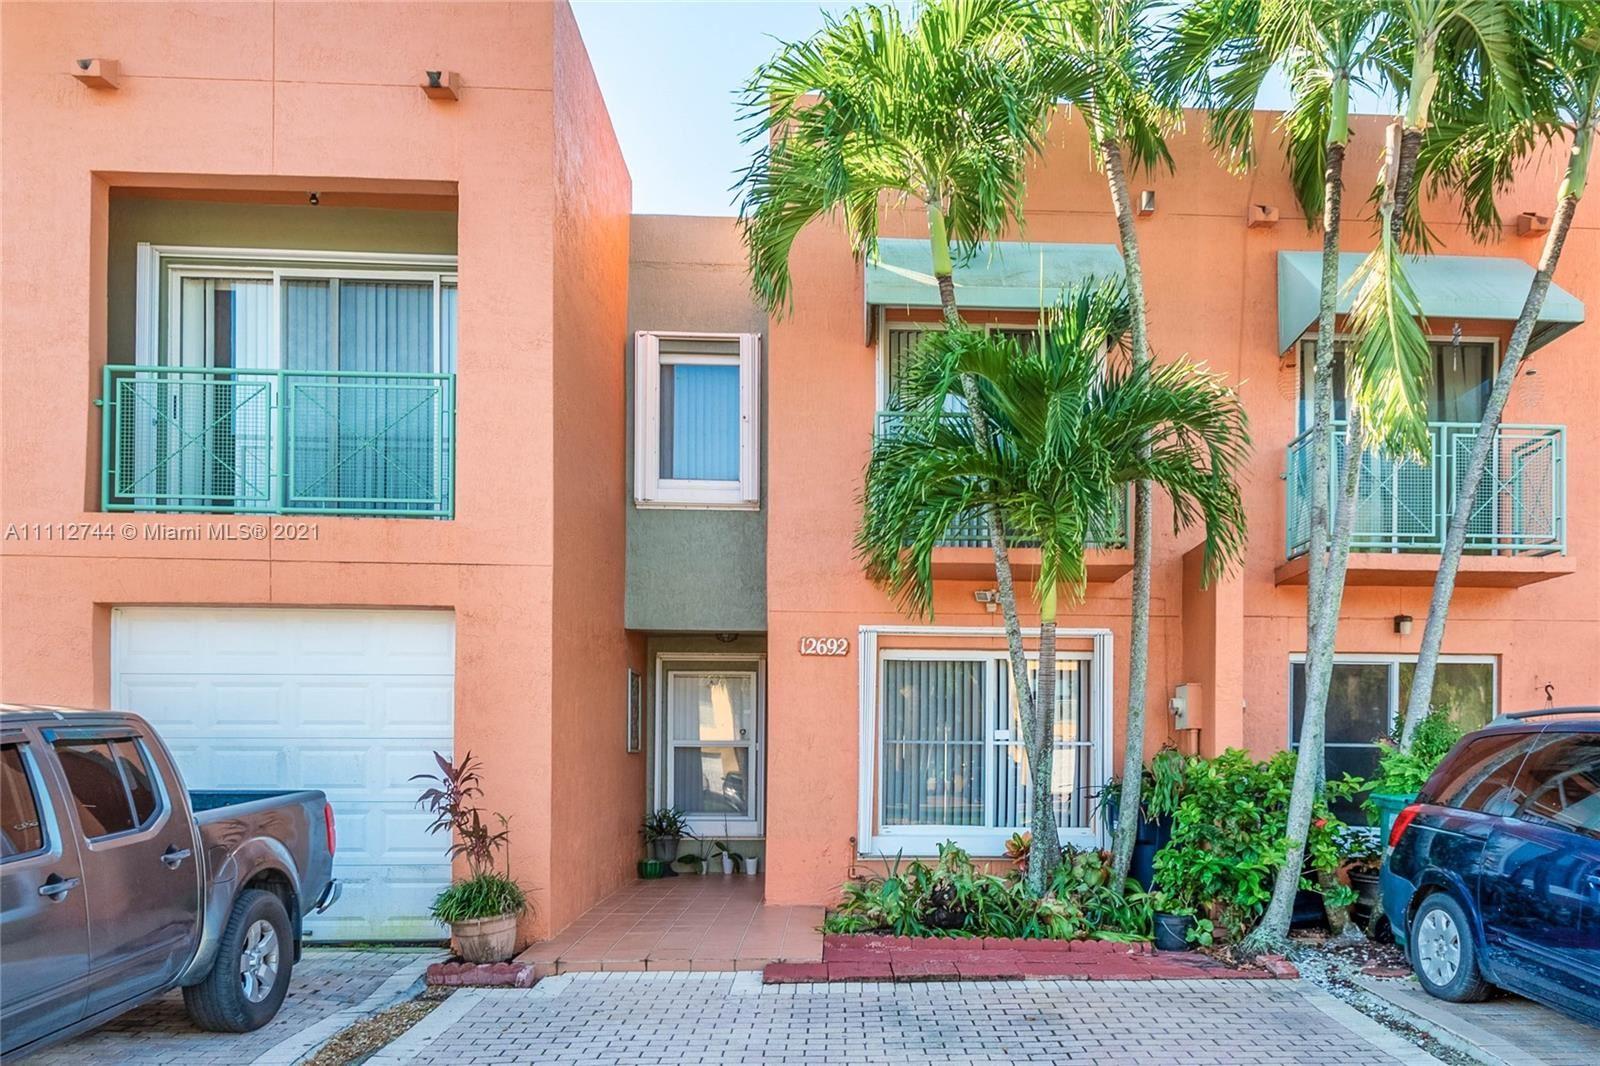 12692 NW 11th Ln, Miami, FL 33182 - #: A11112744